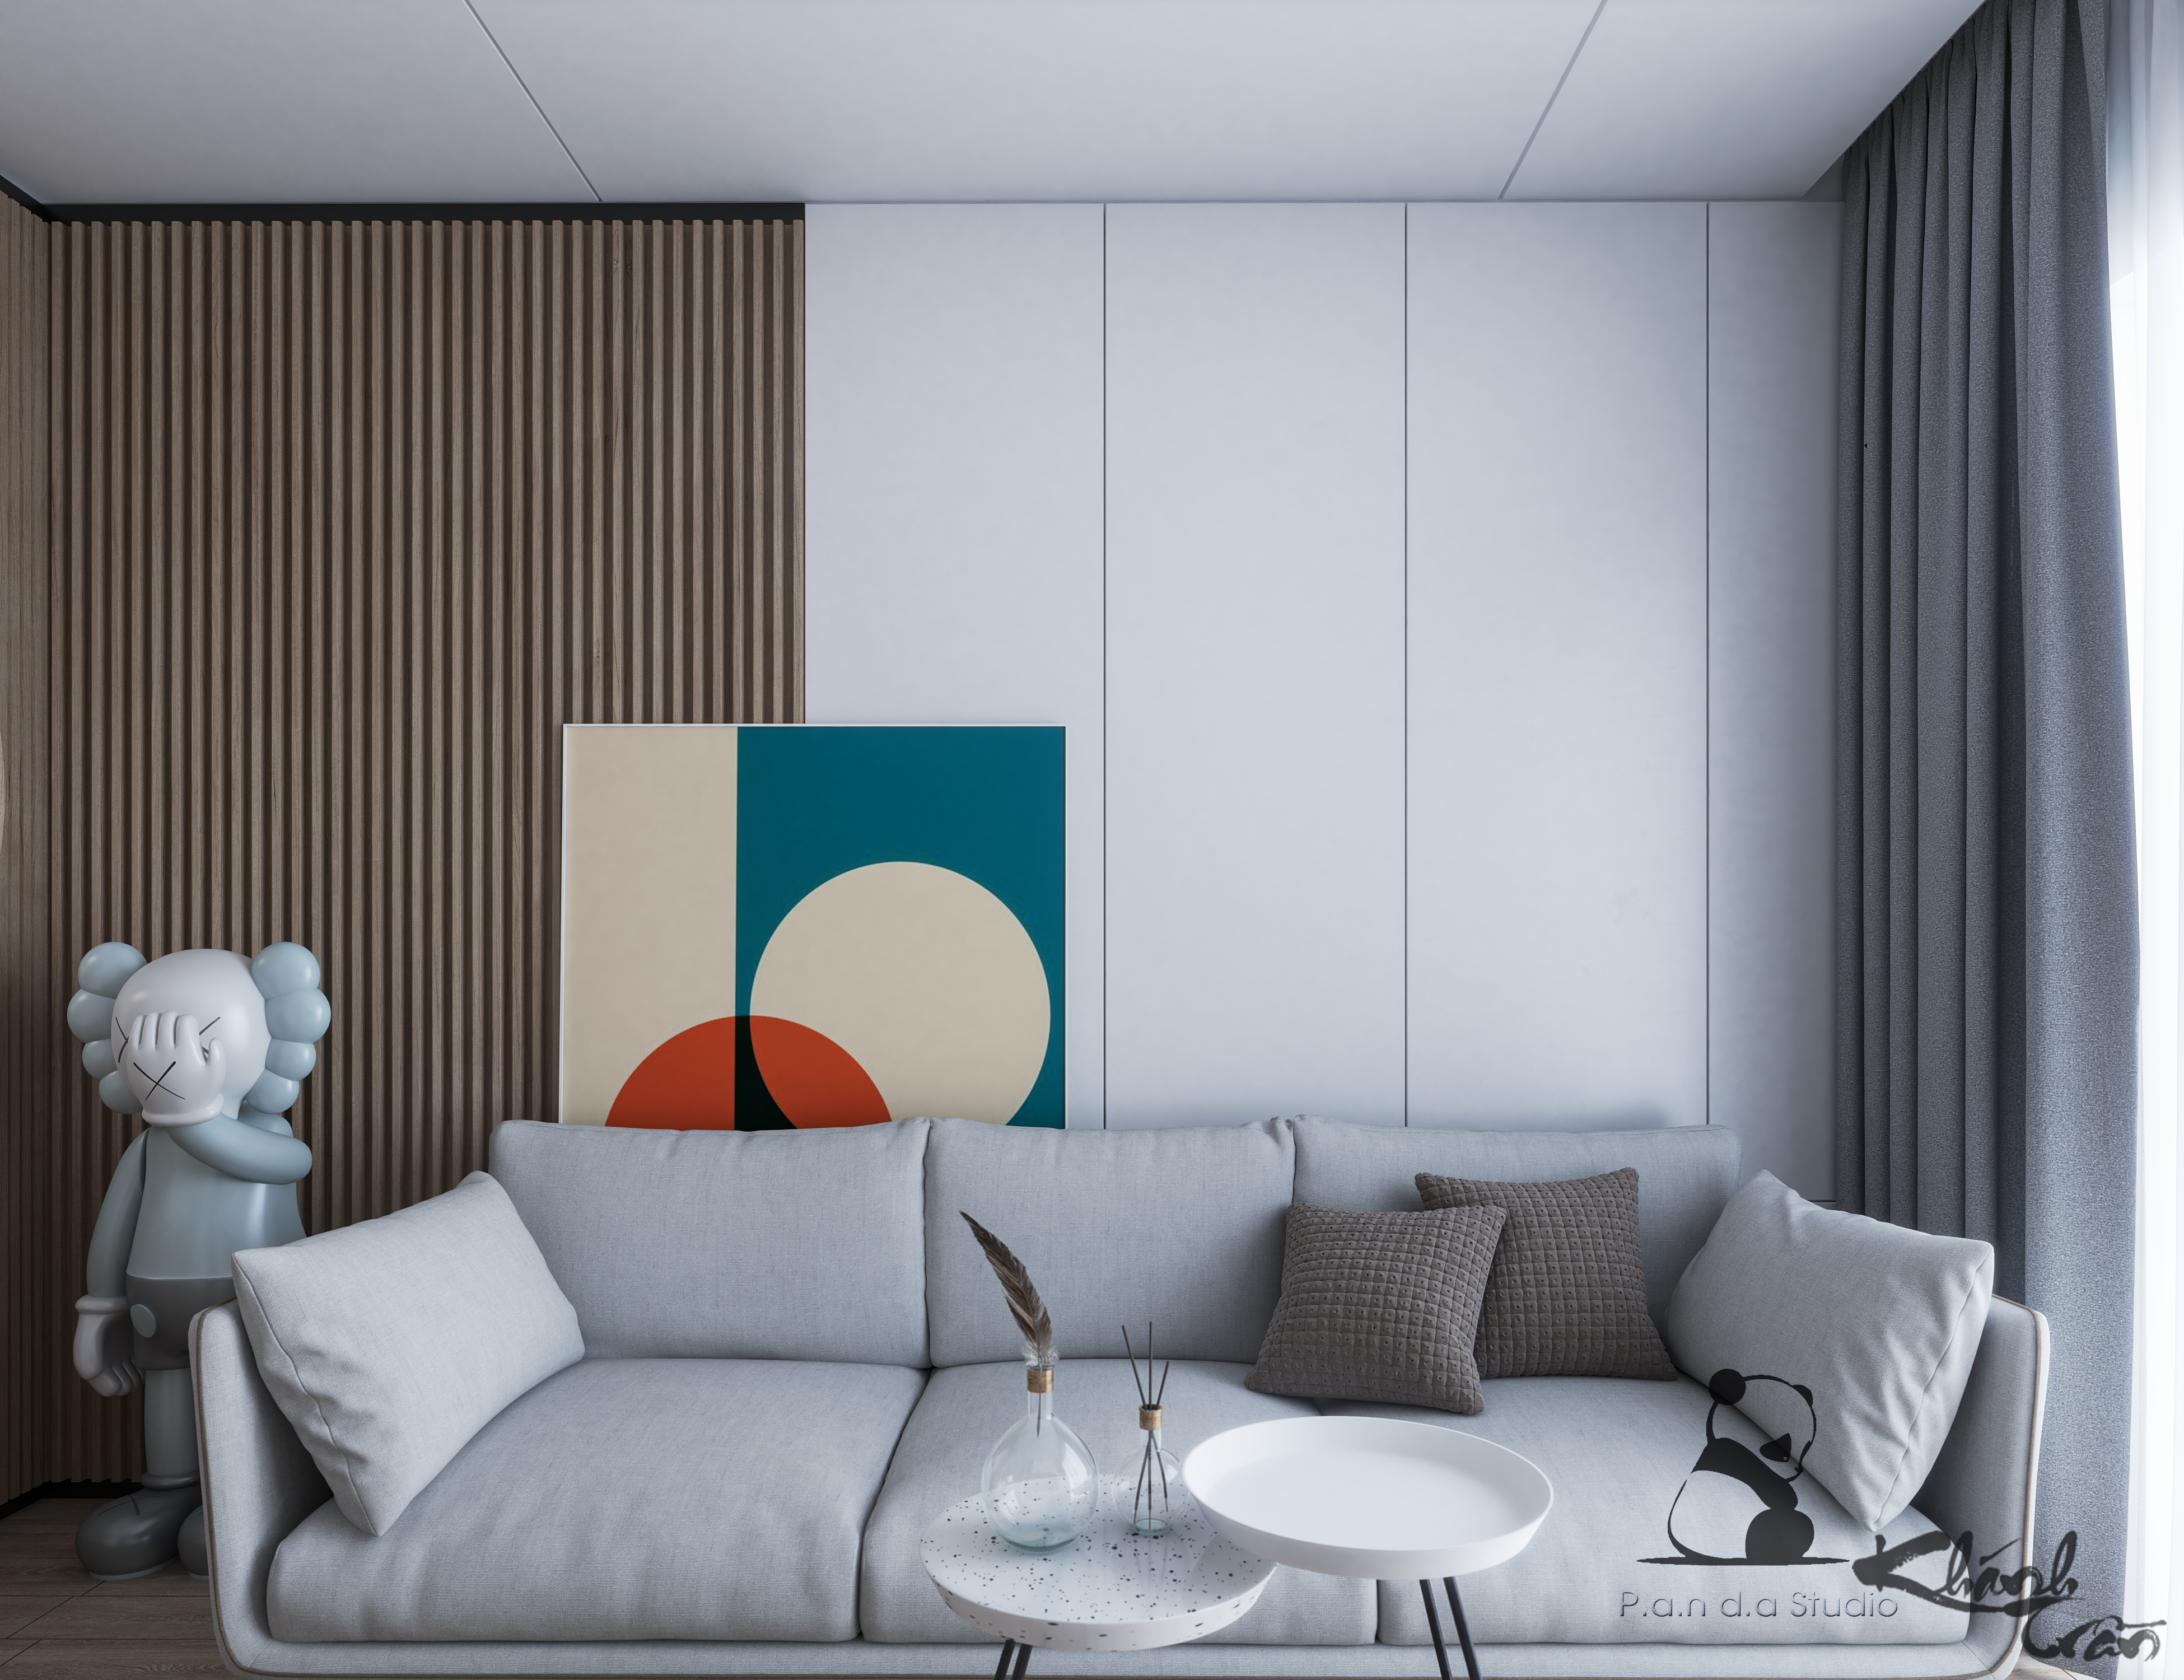 Thiết kế nội thất Chung Cư tại Hồ Chí Minh KDC CitiLand Gò Vấp 1578021372 9